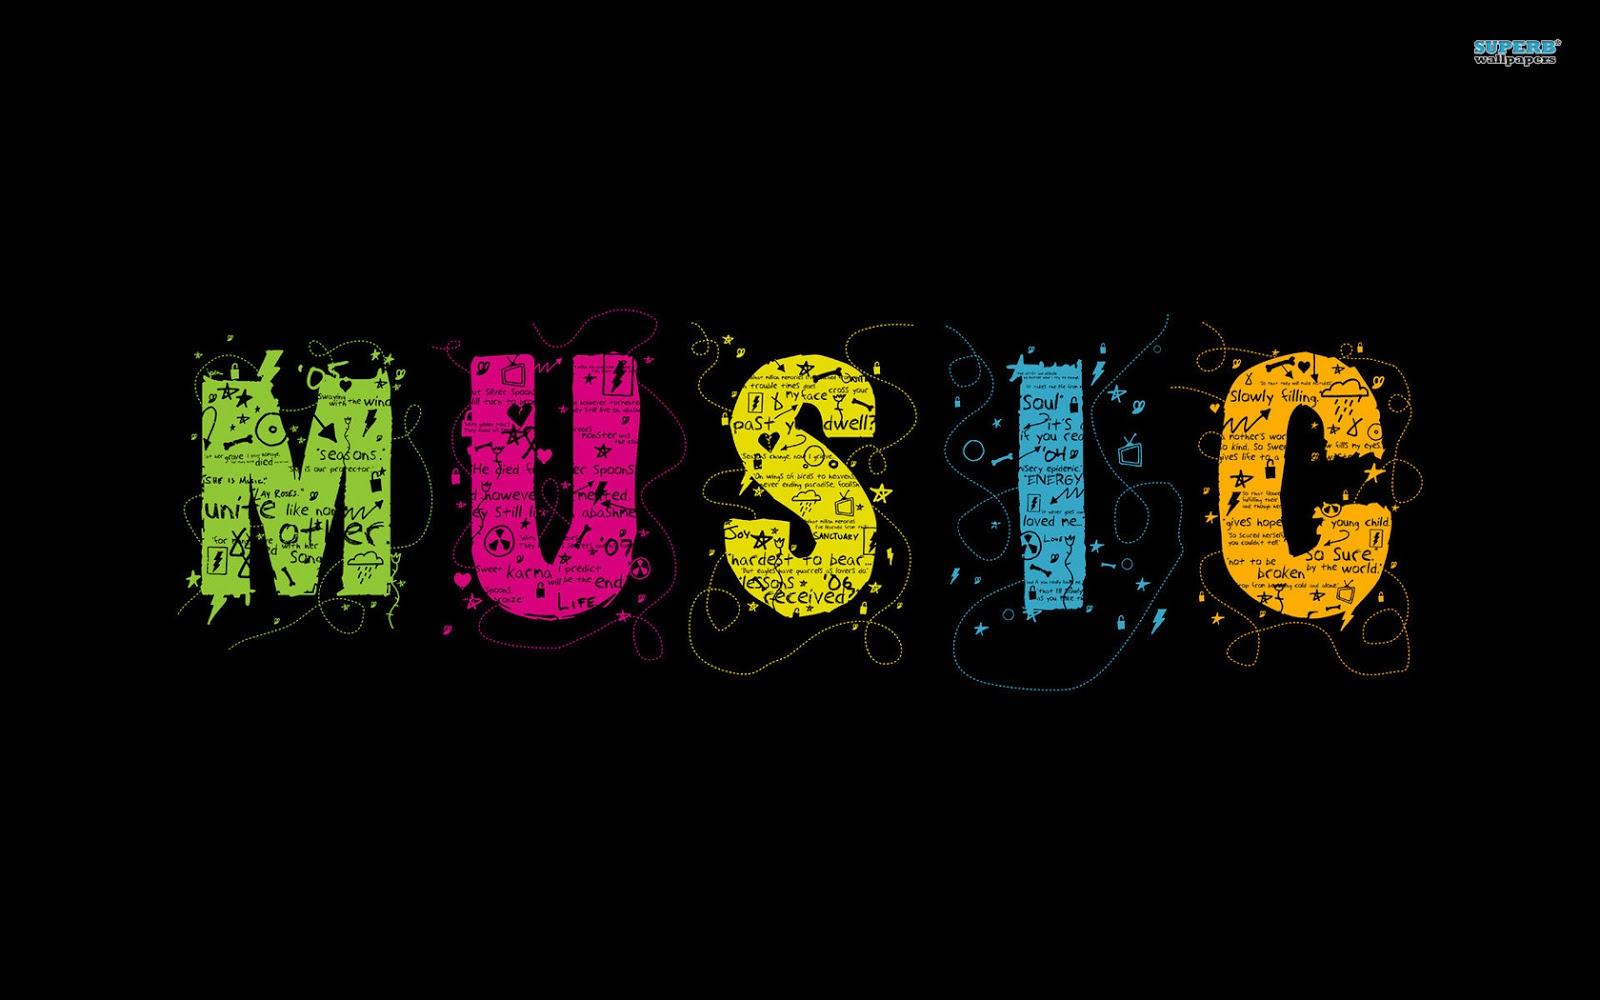 Music Desktop Wallpaper 1600x1000